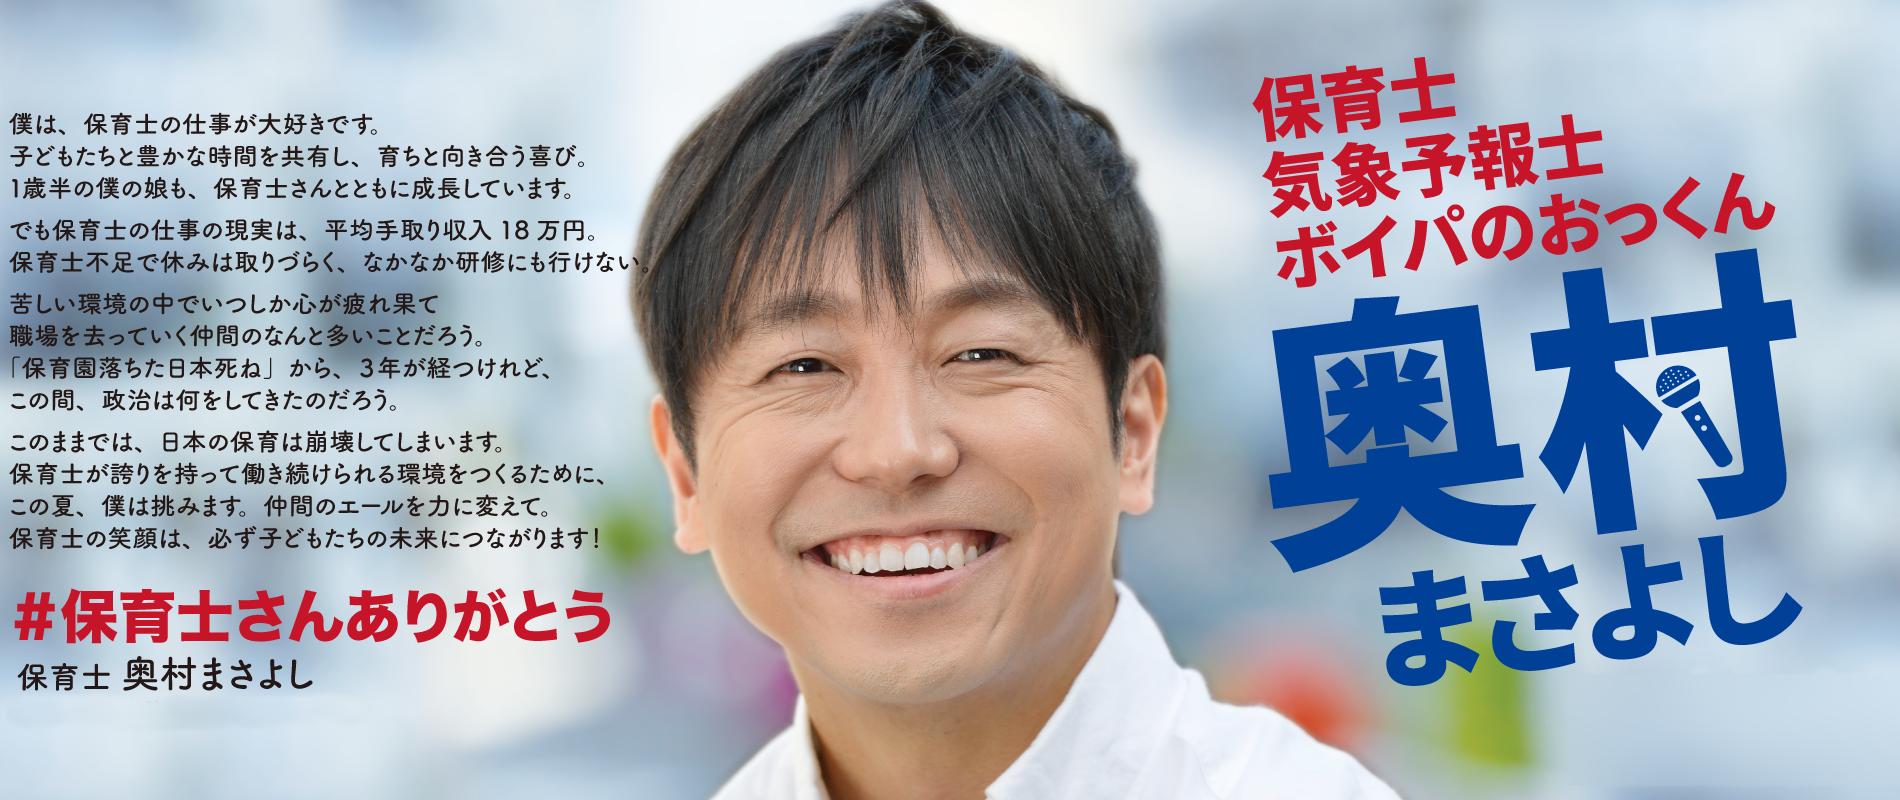 奥村まさよし 日本中の保育士を笑顔にしたい